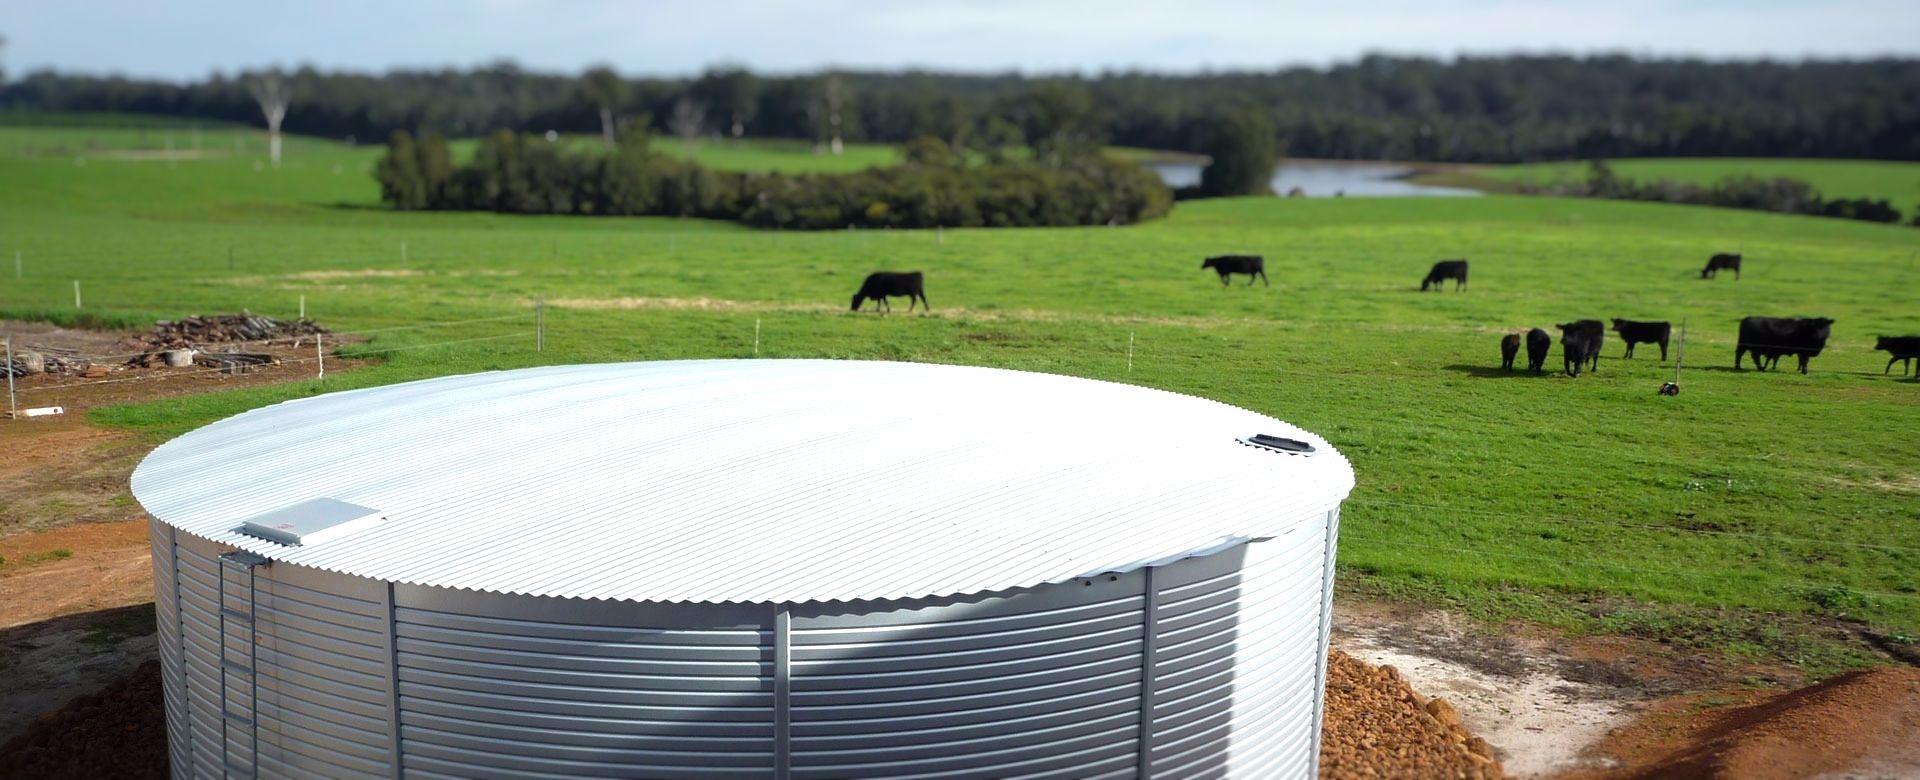 Water Tank at Farm